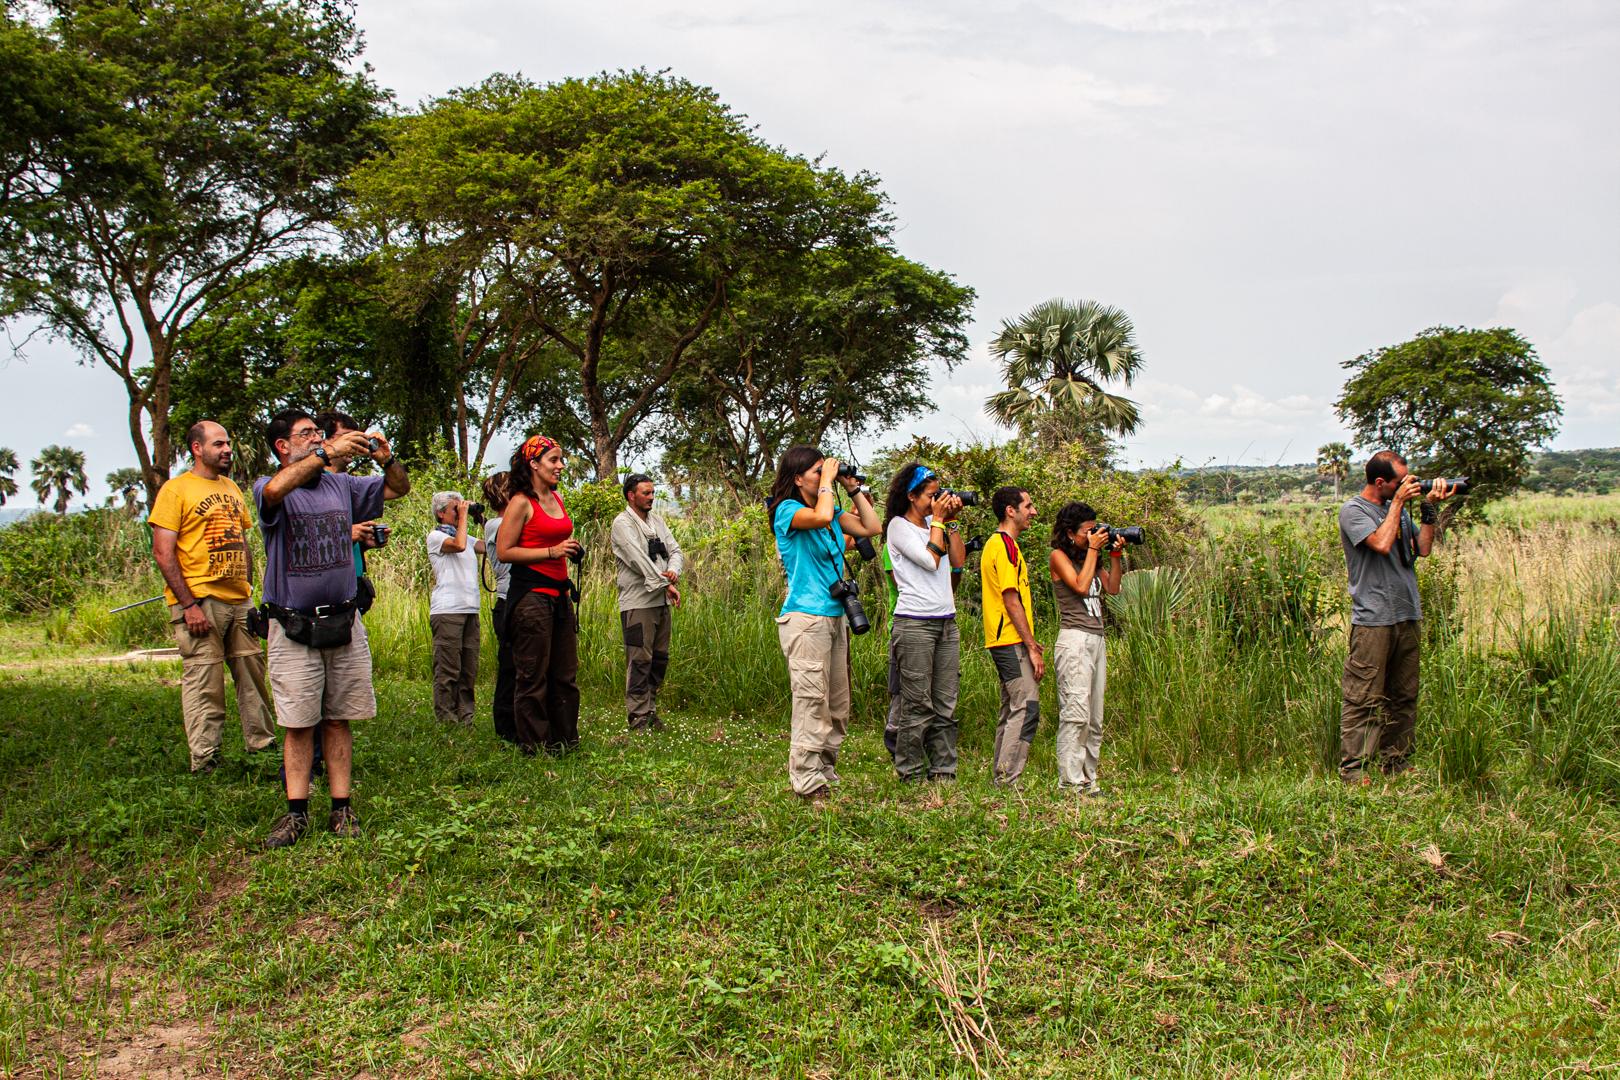 Viajeros del viaje fotográfico a Uganda con sus cámaras.